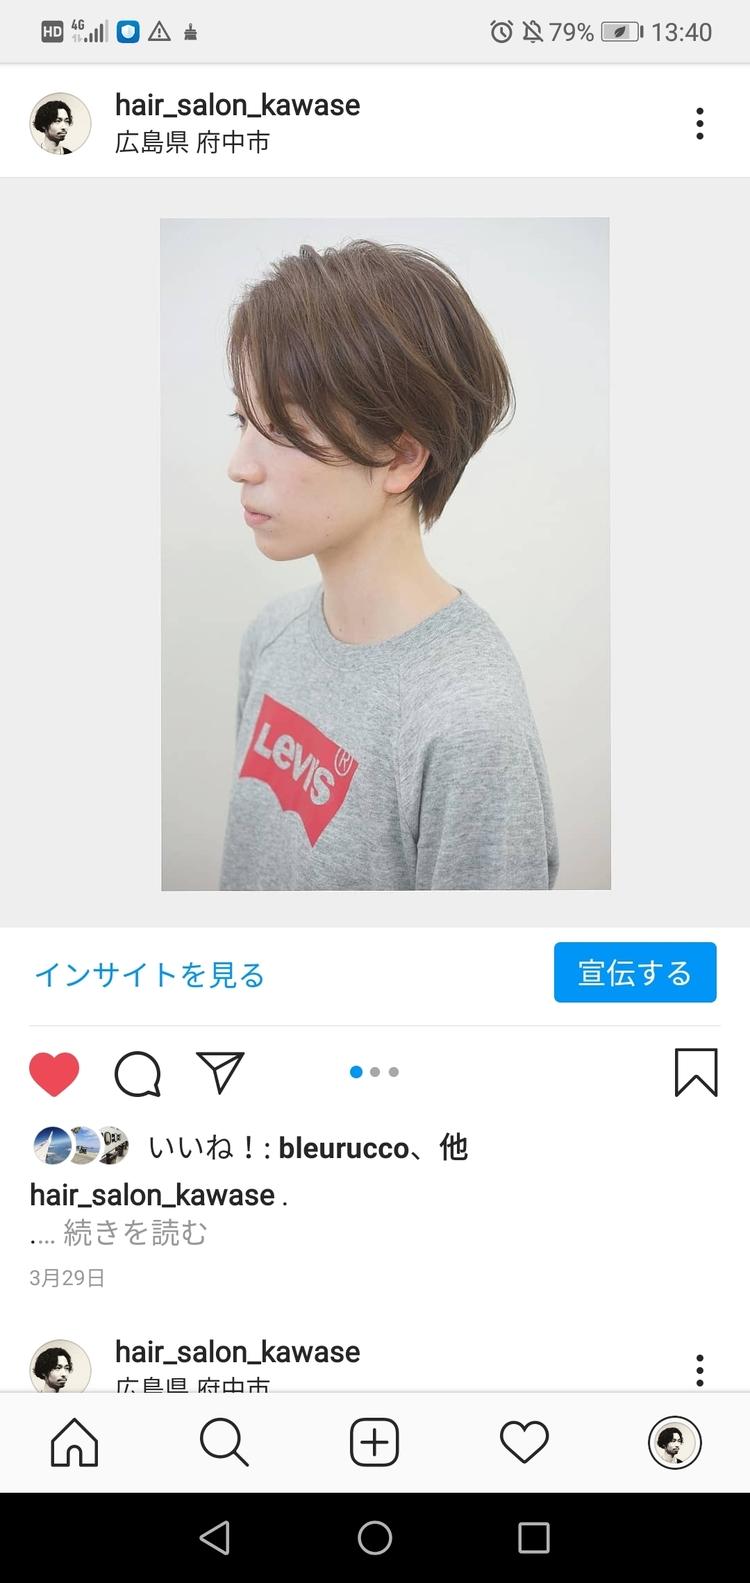 hair salon KAWASE